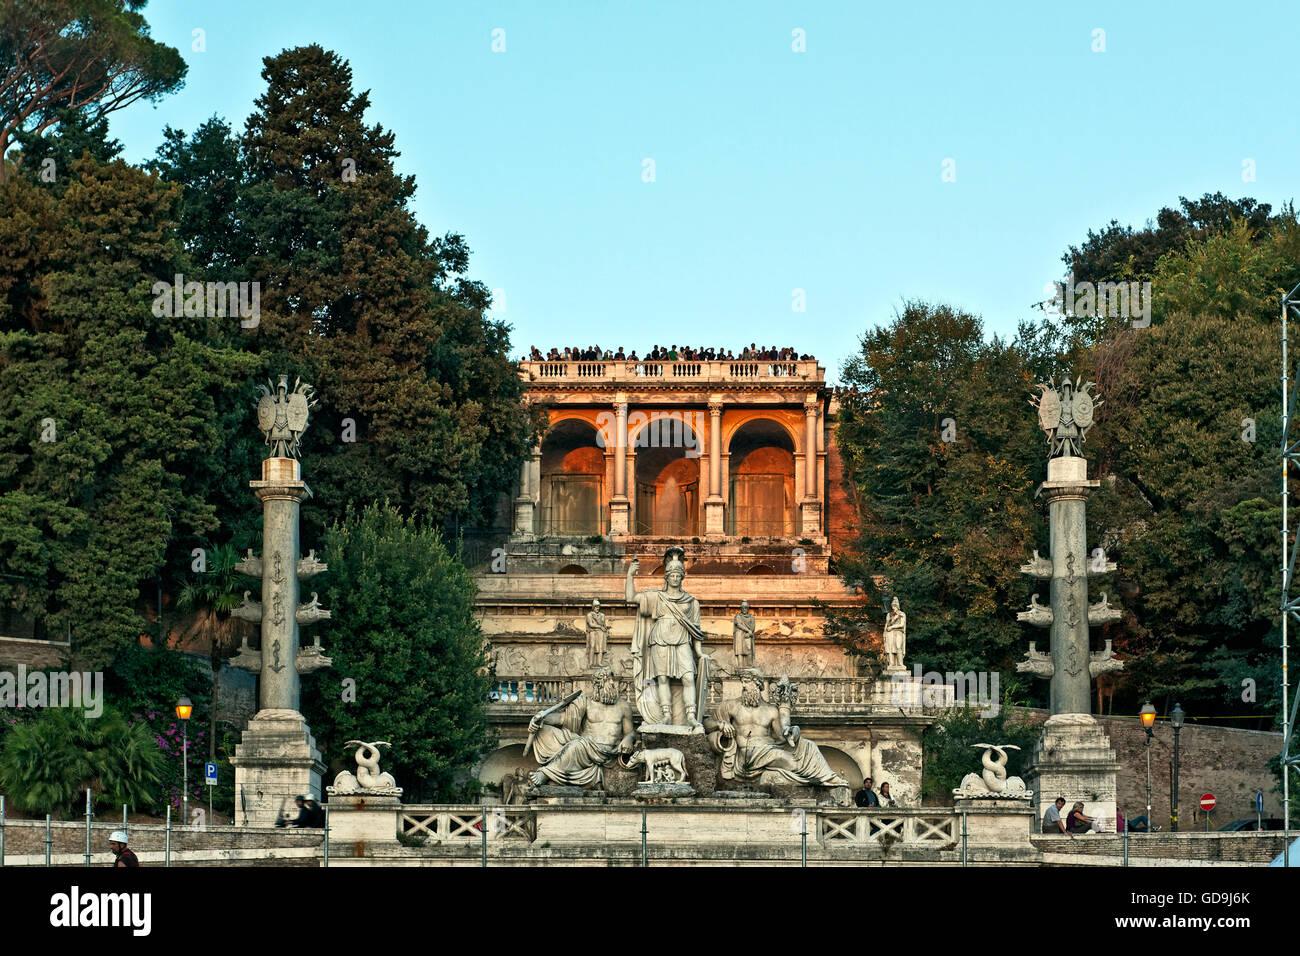 Pincio balcone monumentale e la fontana della Dea di Roma, Piazza del Popolo, Roma, Lazio, l'Italia, Europa Immagini Stock